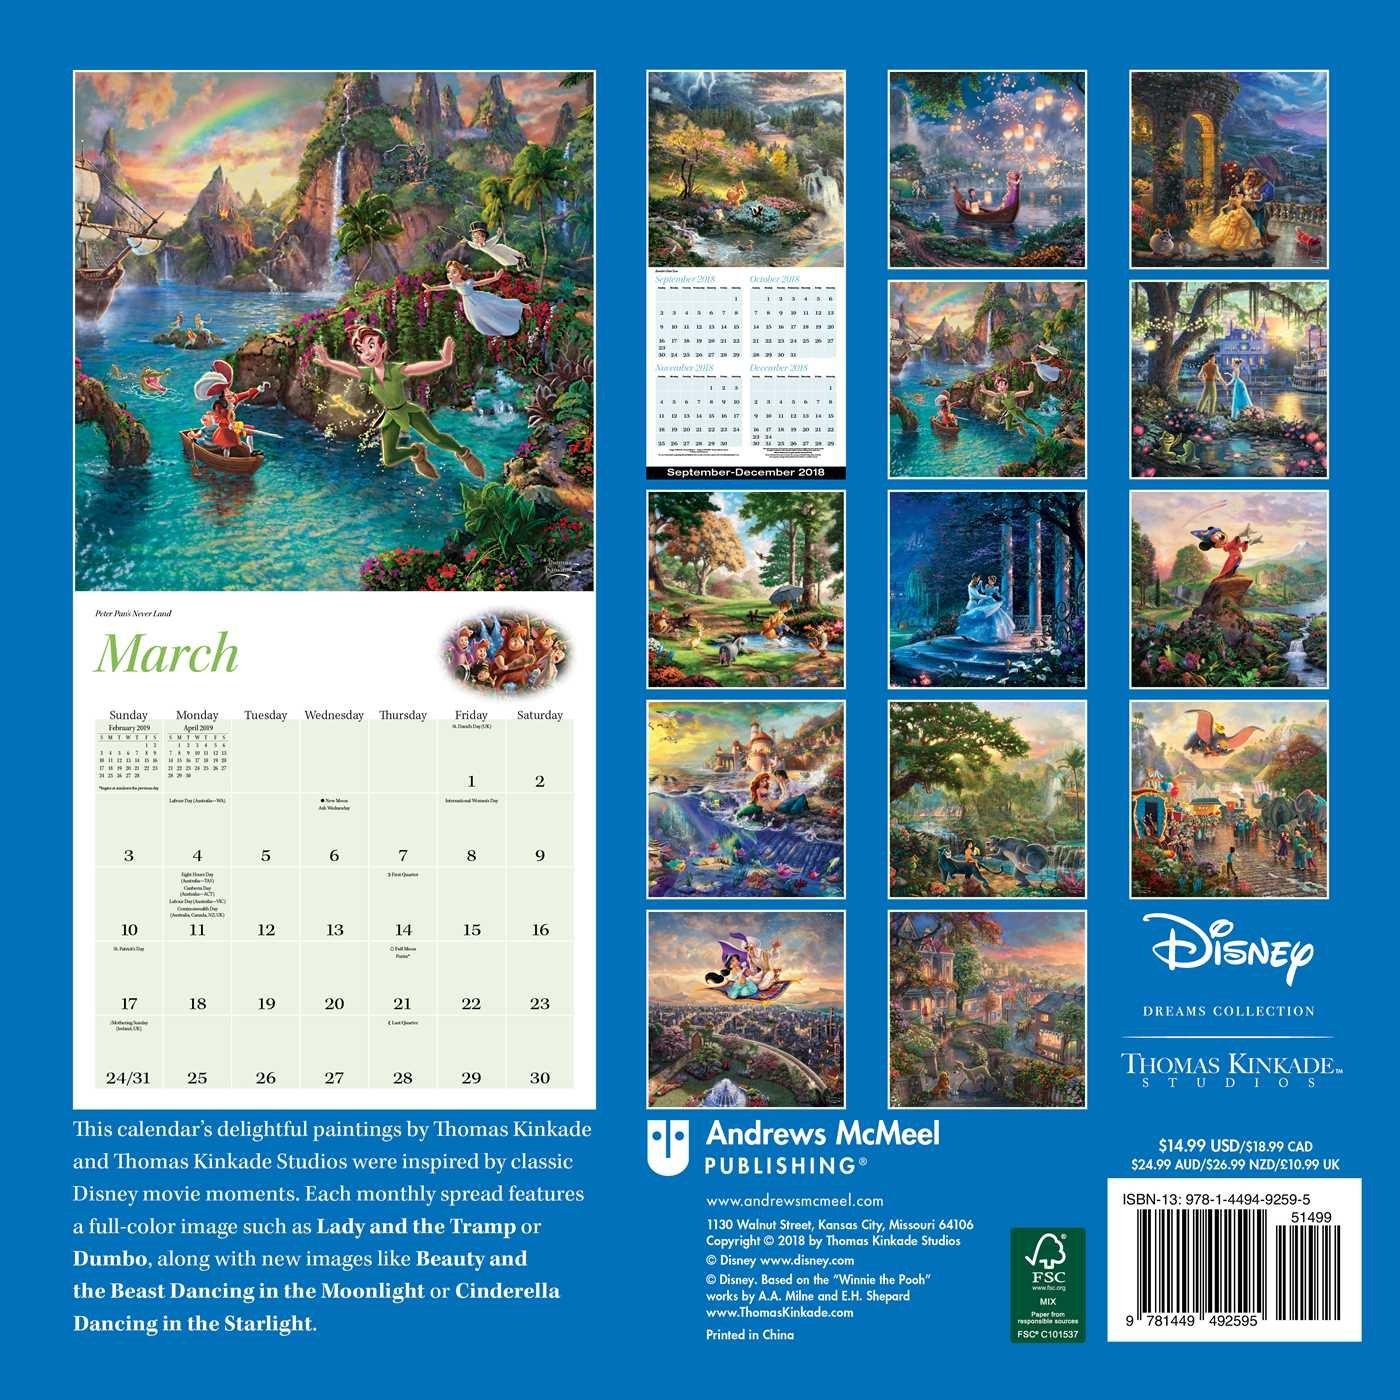 Disney 2019 Calendar Amazon.com: Thomas Kinkade Studios: Disney Dreams Collection 2019